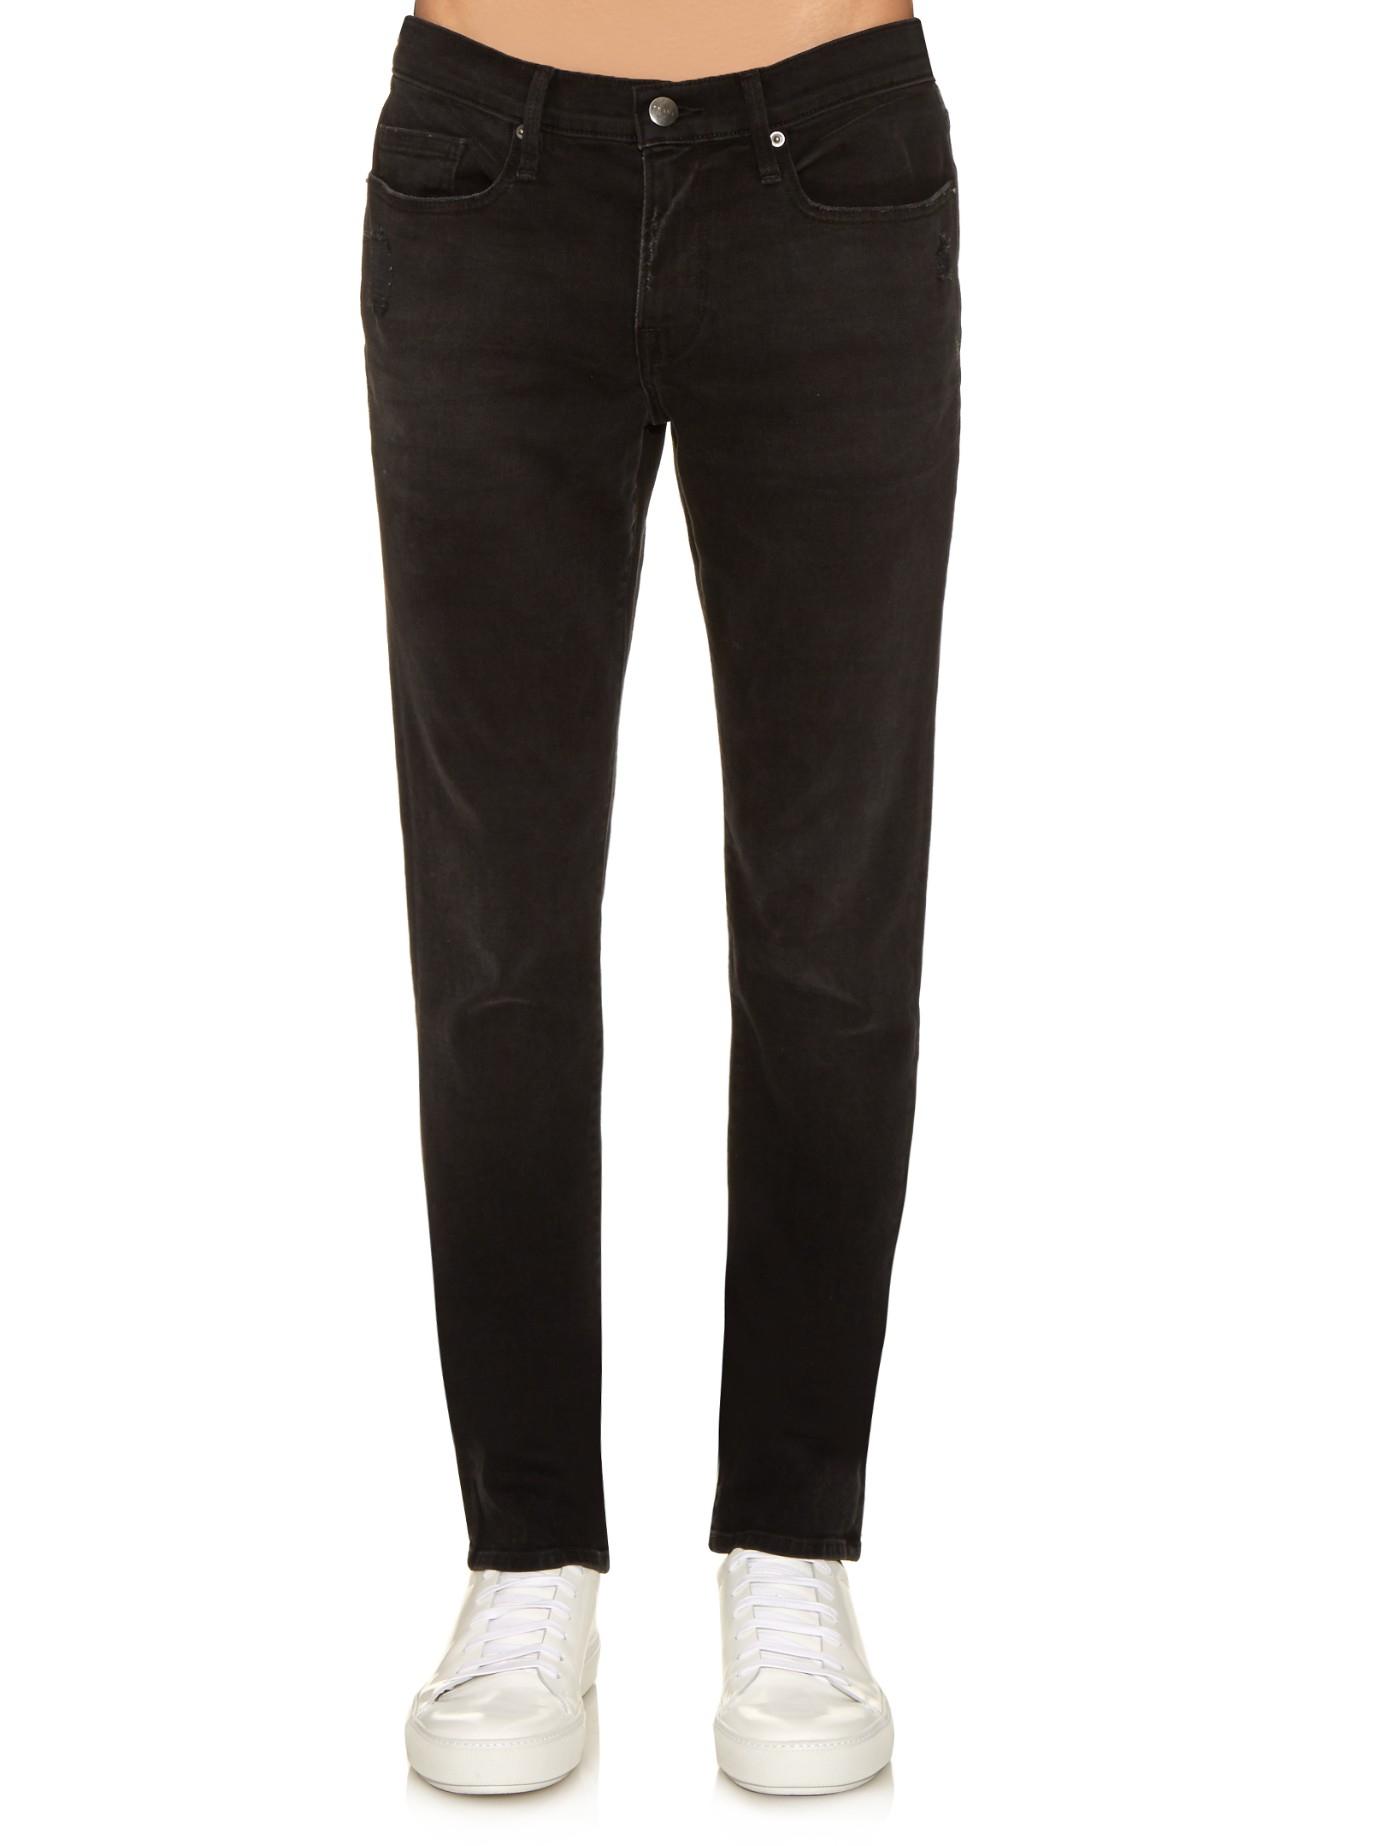 lyst frame l 39 homme skinny jeans in black for men. Black Bedroom Furniture Sets. Home Design Ideas